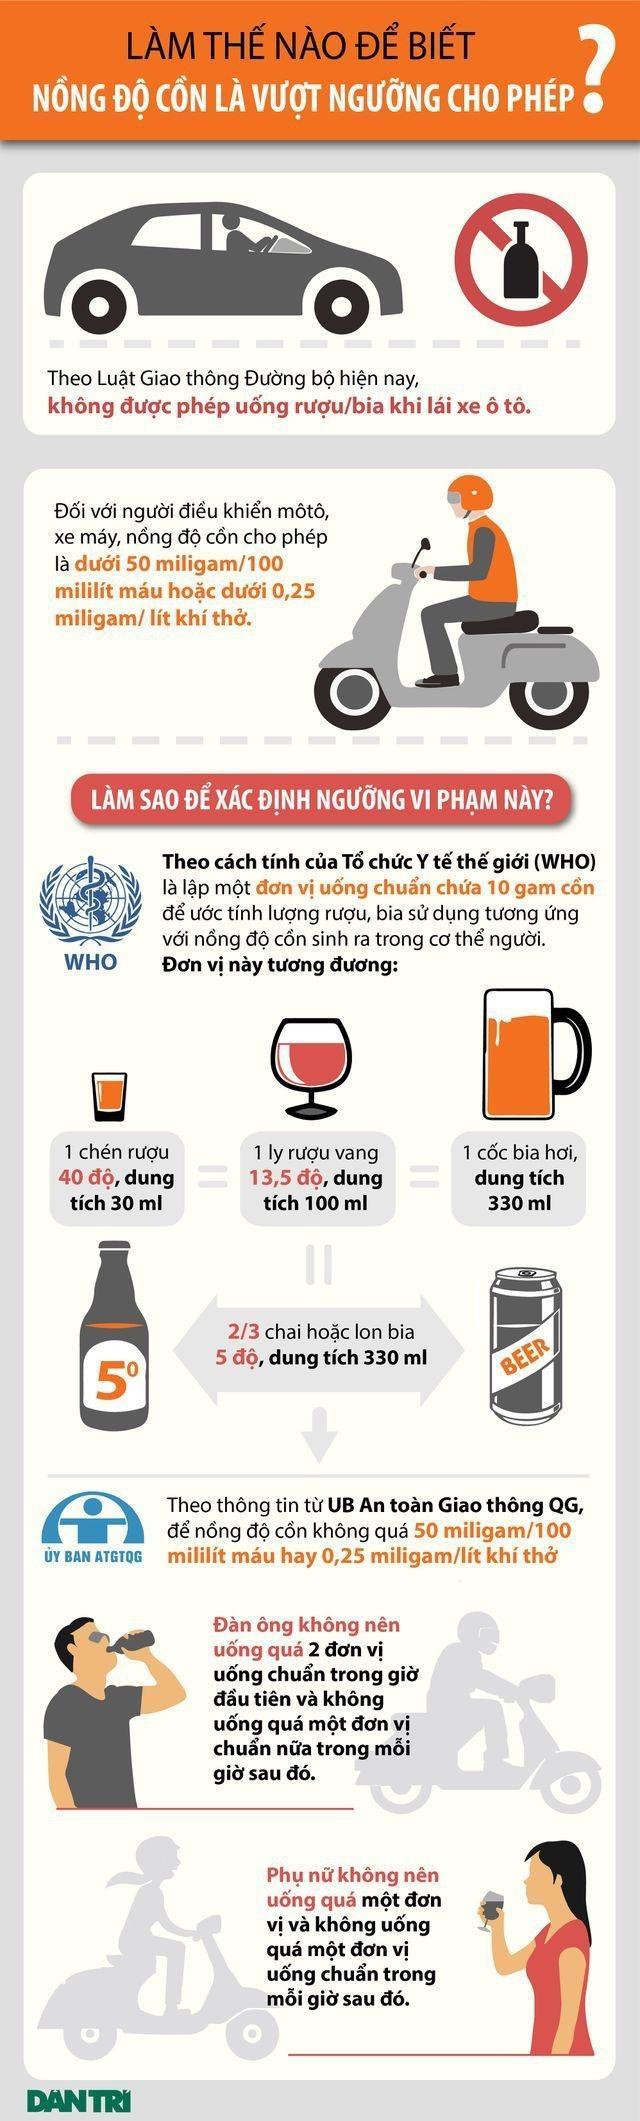 Đề xuất phạt tới 40 triệu đồng, tước quyền sử dụng GPLX 2 năm với tài xế uống rượu/bia - 3